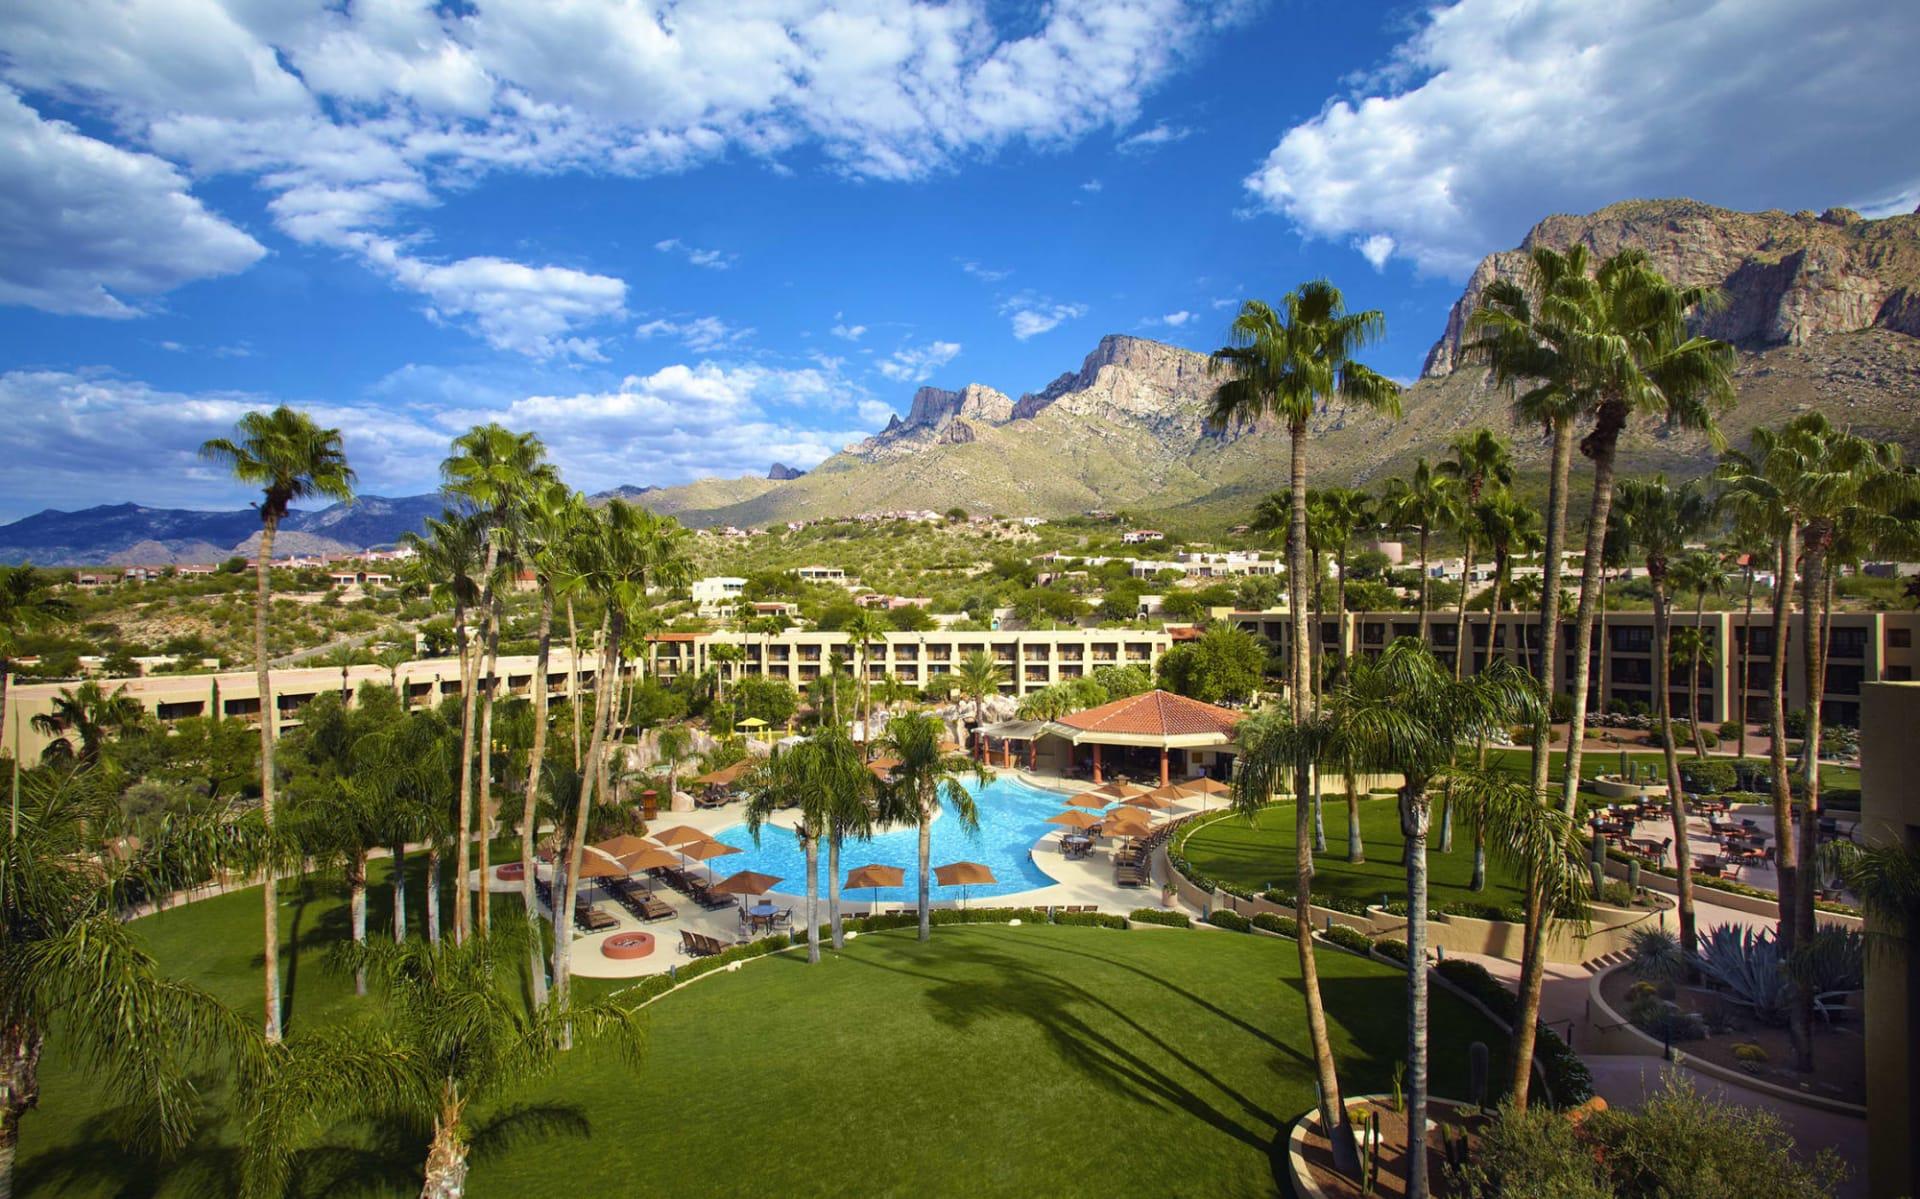 Hilton Tucson el Conquistador Resort: Hilton Tucson el Conquistador Resort - Blick auf Pool und Landschaft